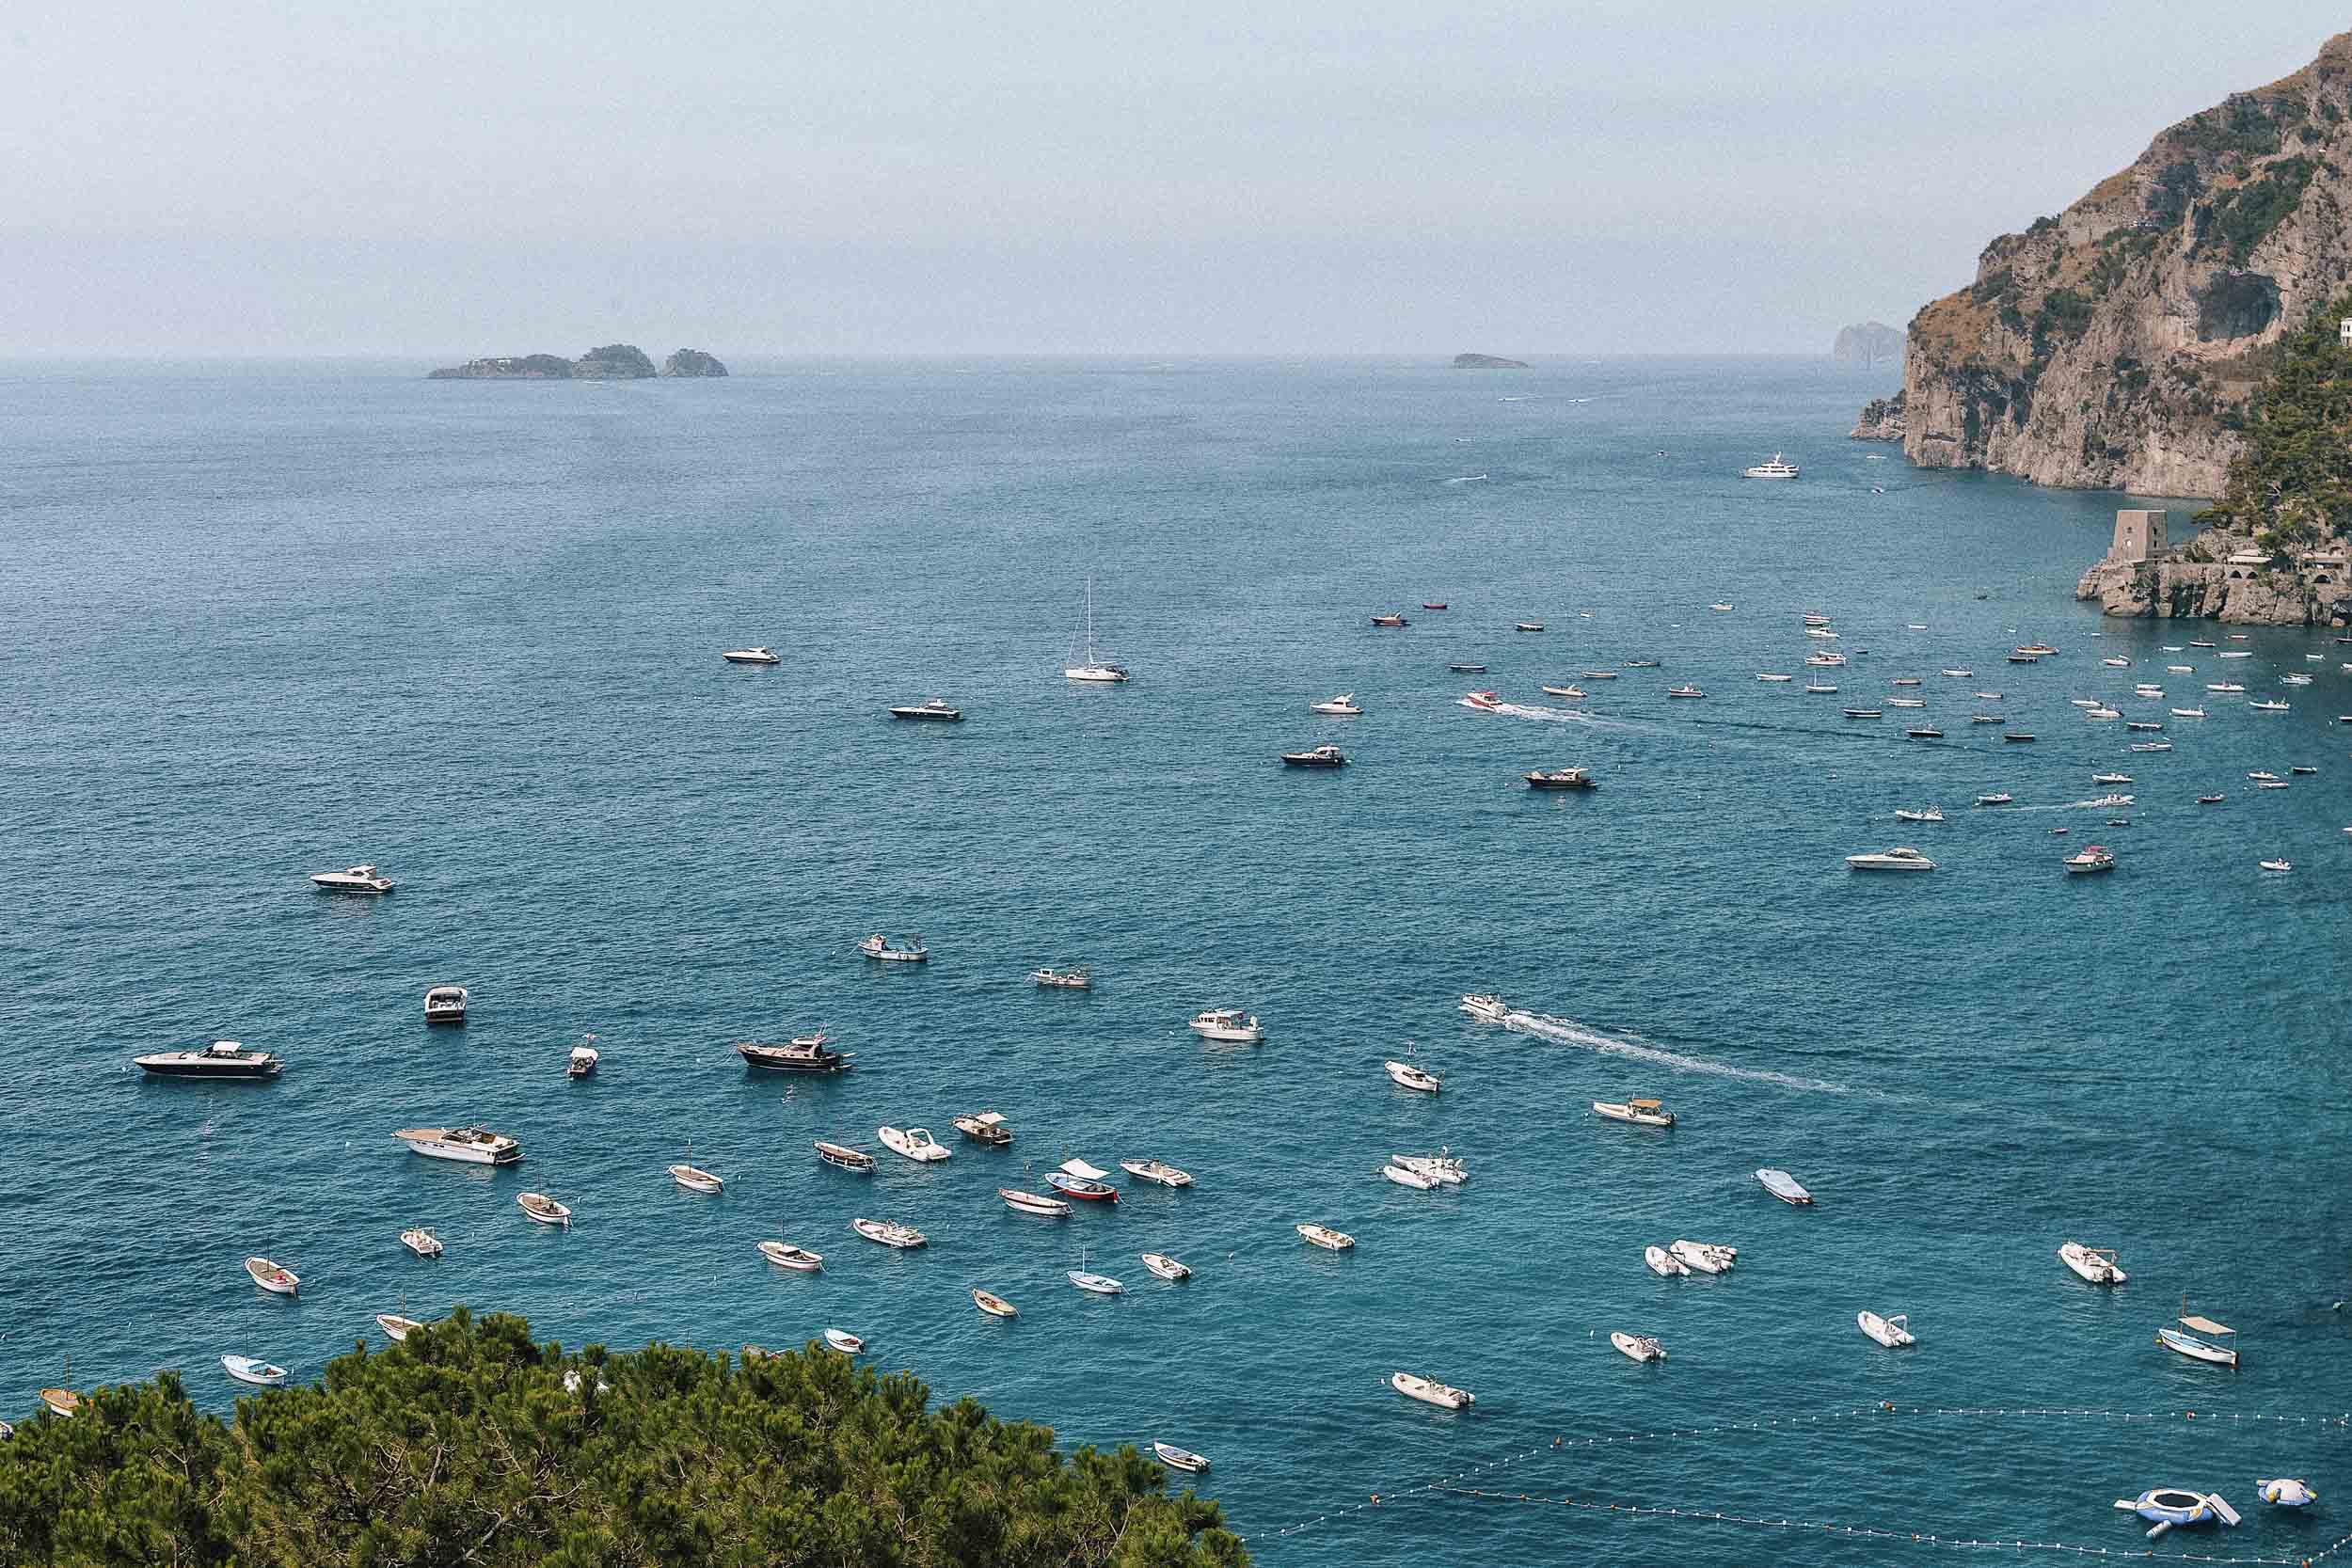 Beautiful sea views in Positano